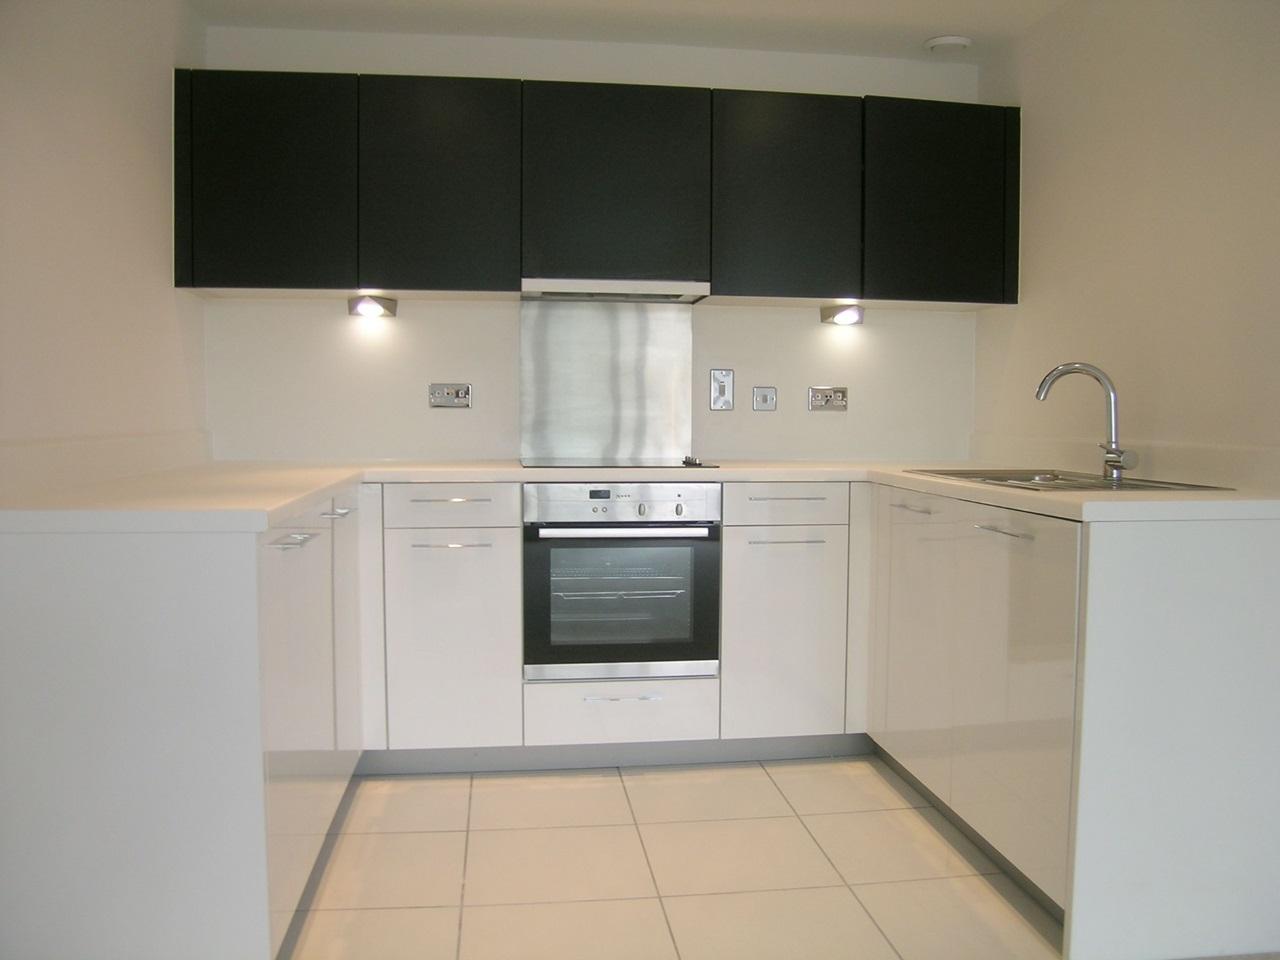 Hemel Hempstead 2 Bed Flat Cotterells Hp1 To Rent